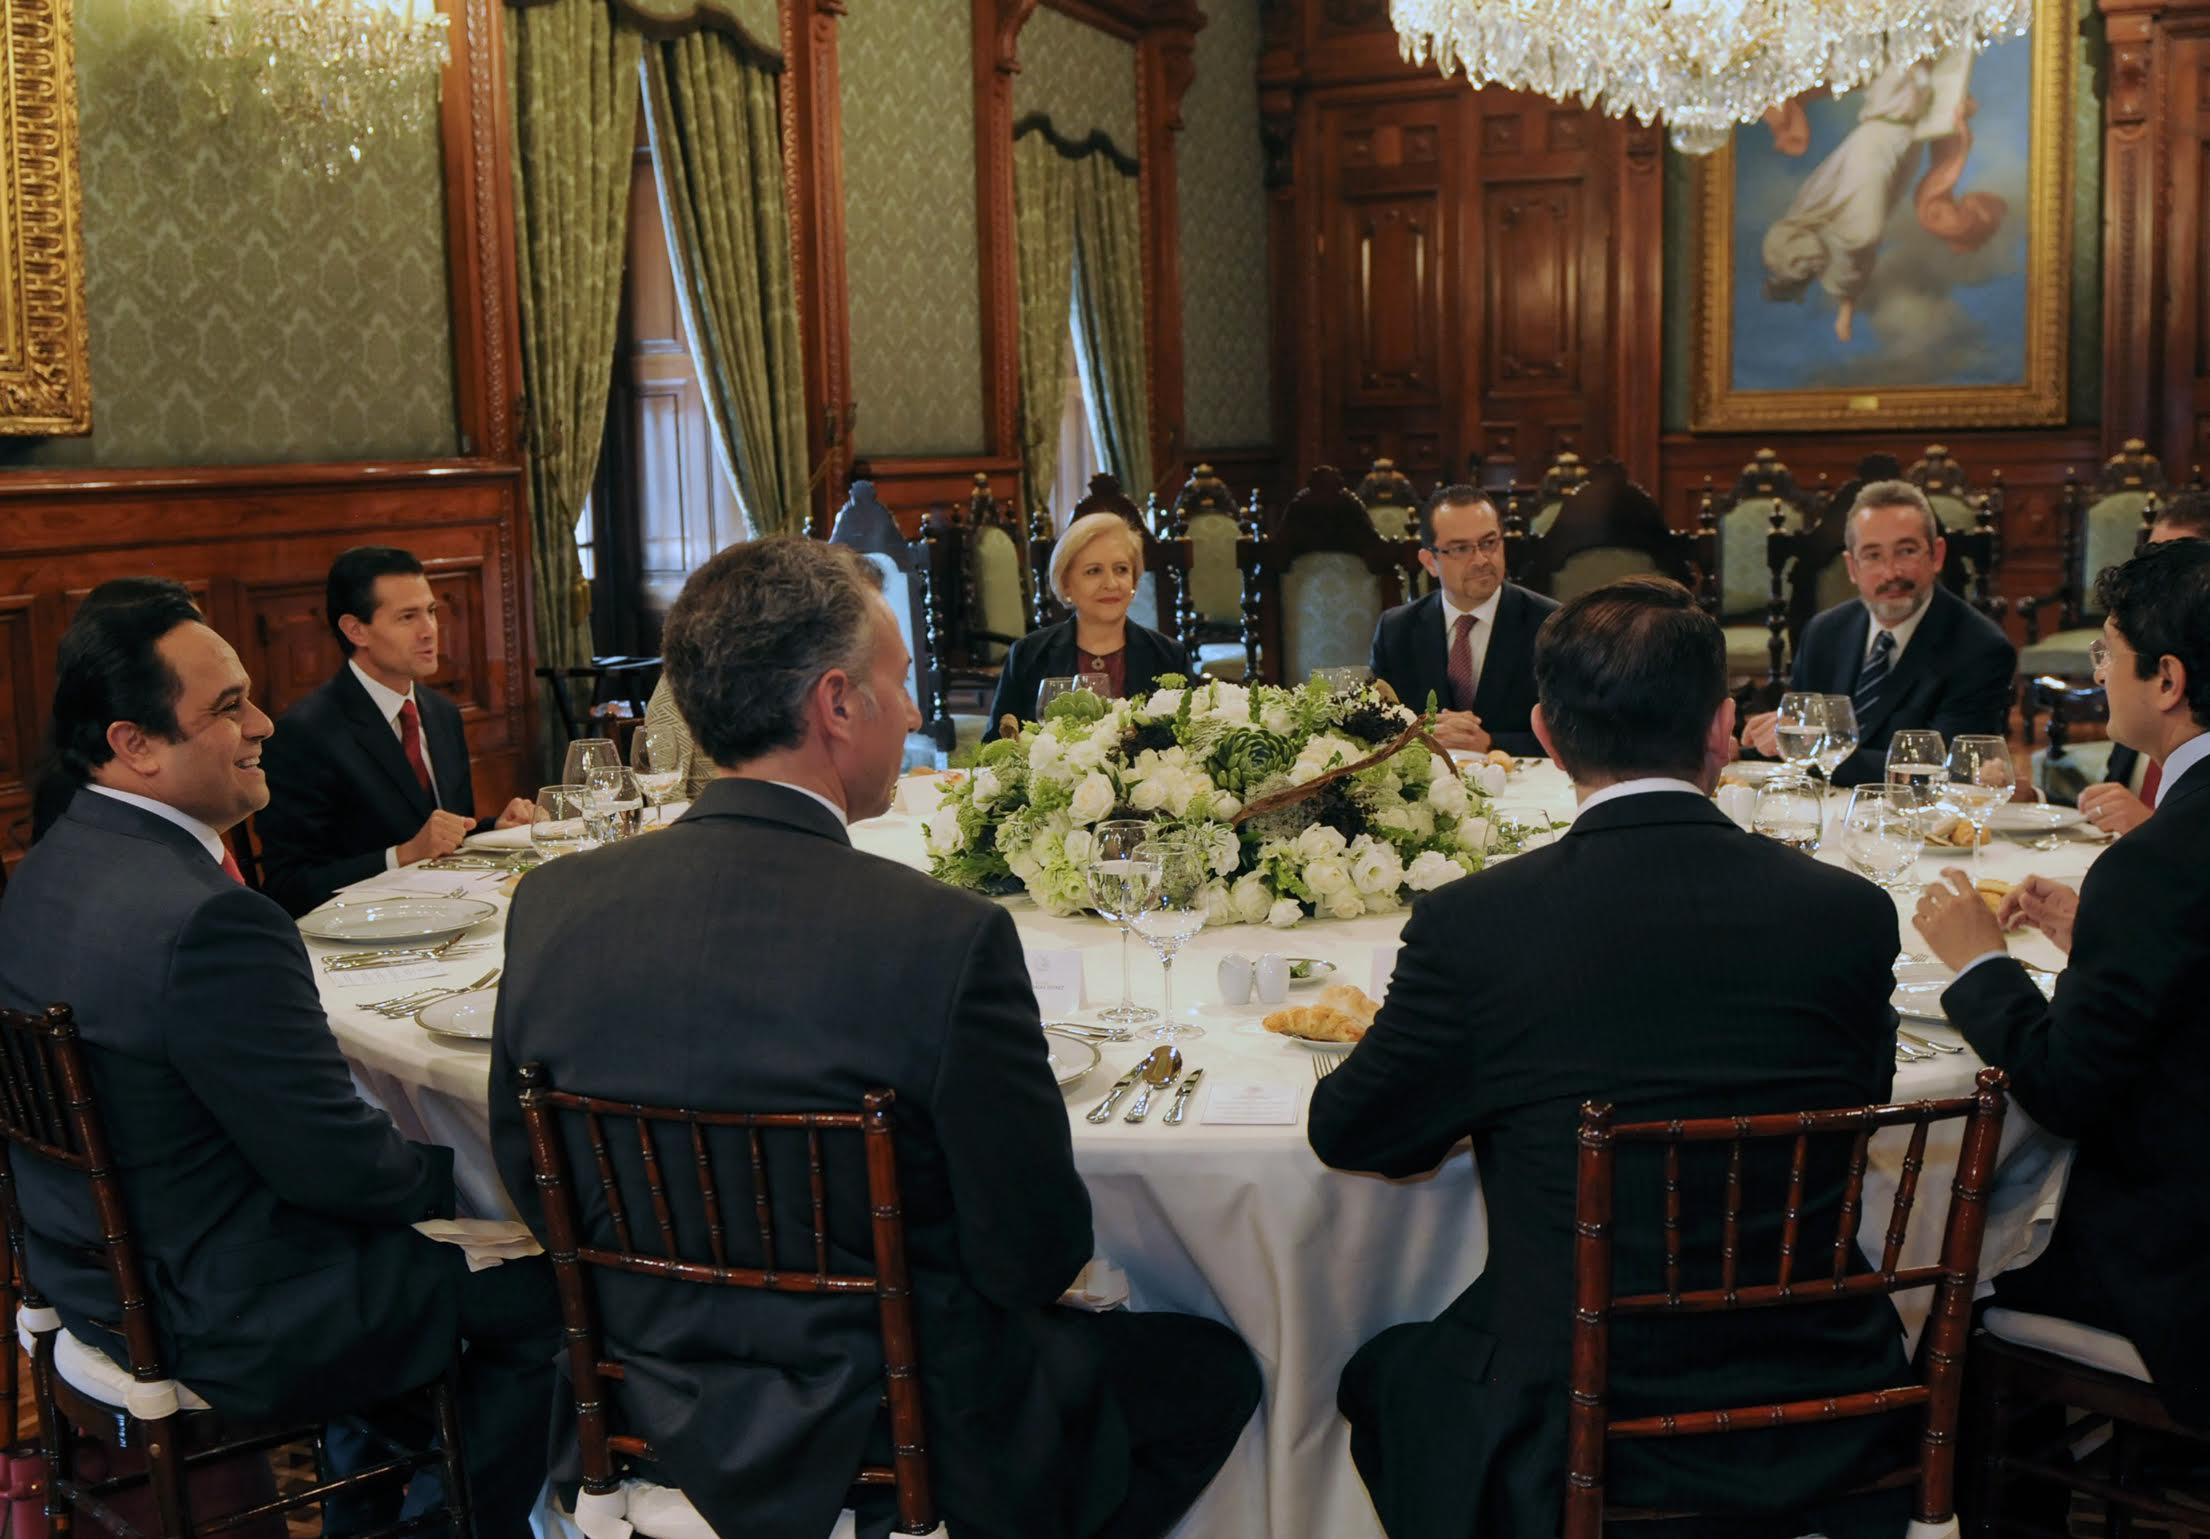 Se Rene El Presidente Enrique Pea Nieto Con Los Comisionados Del